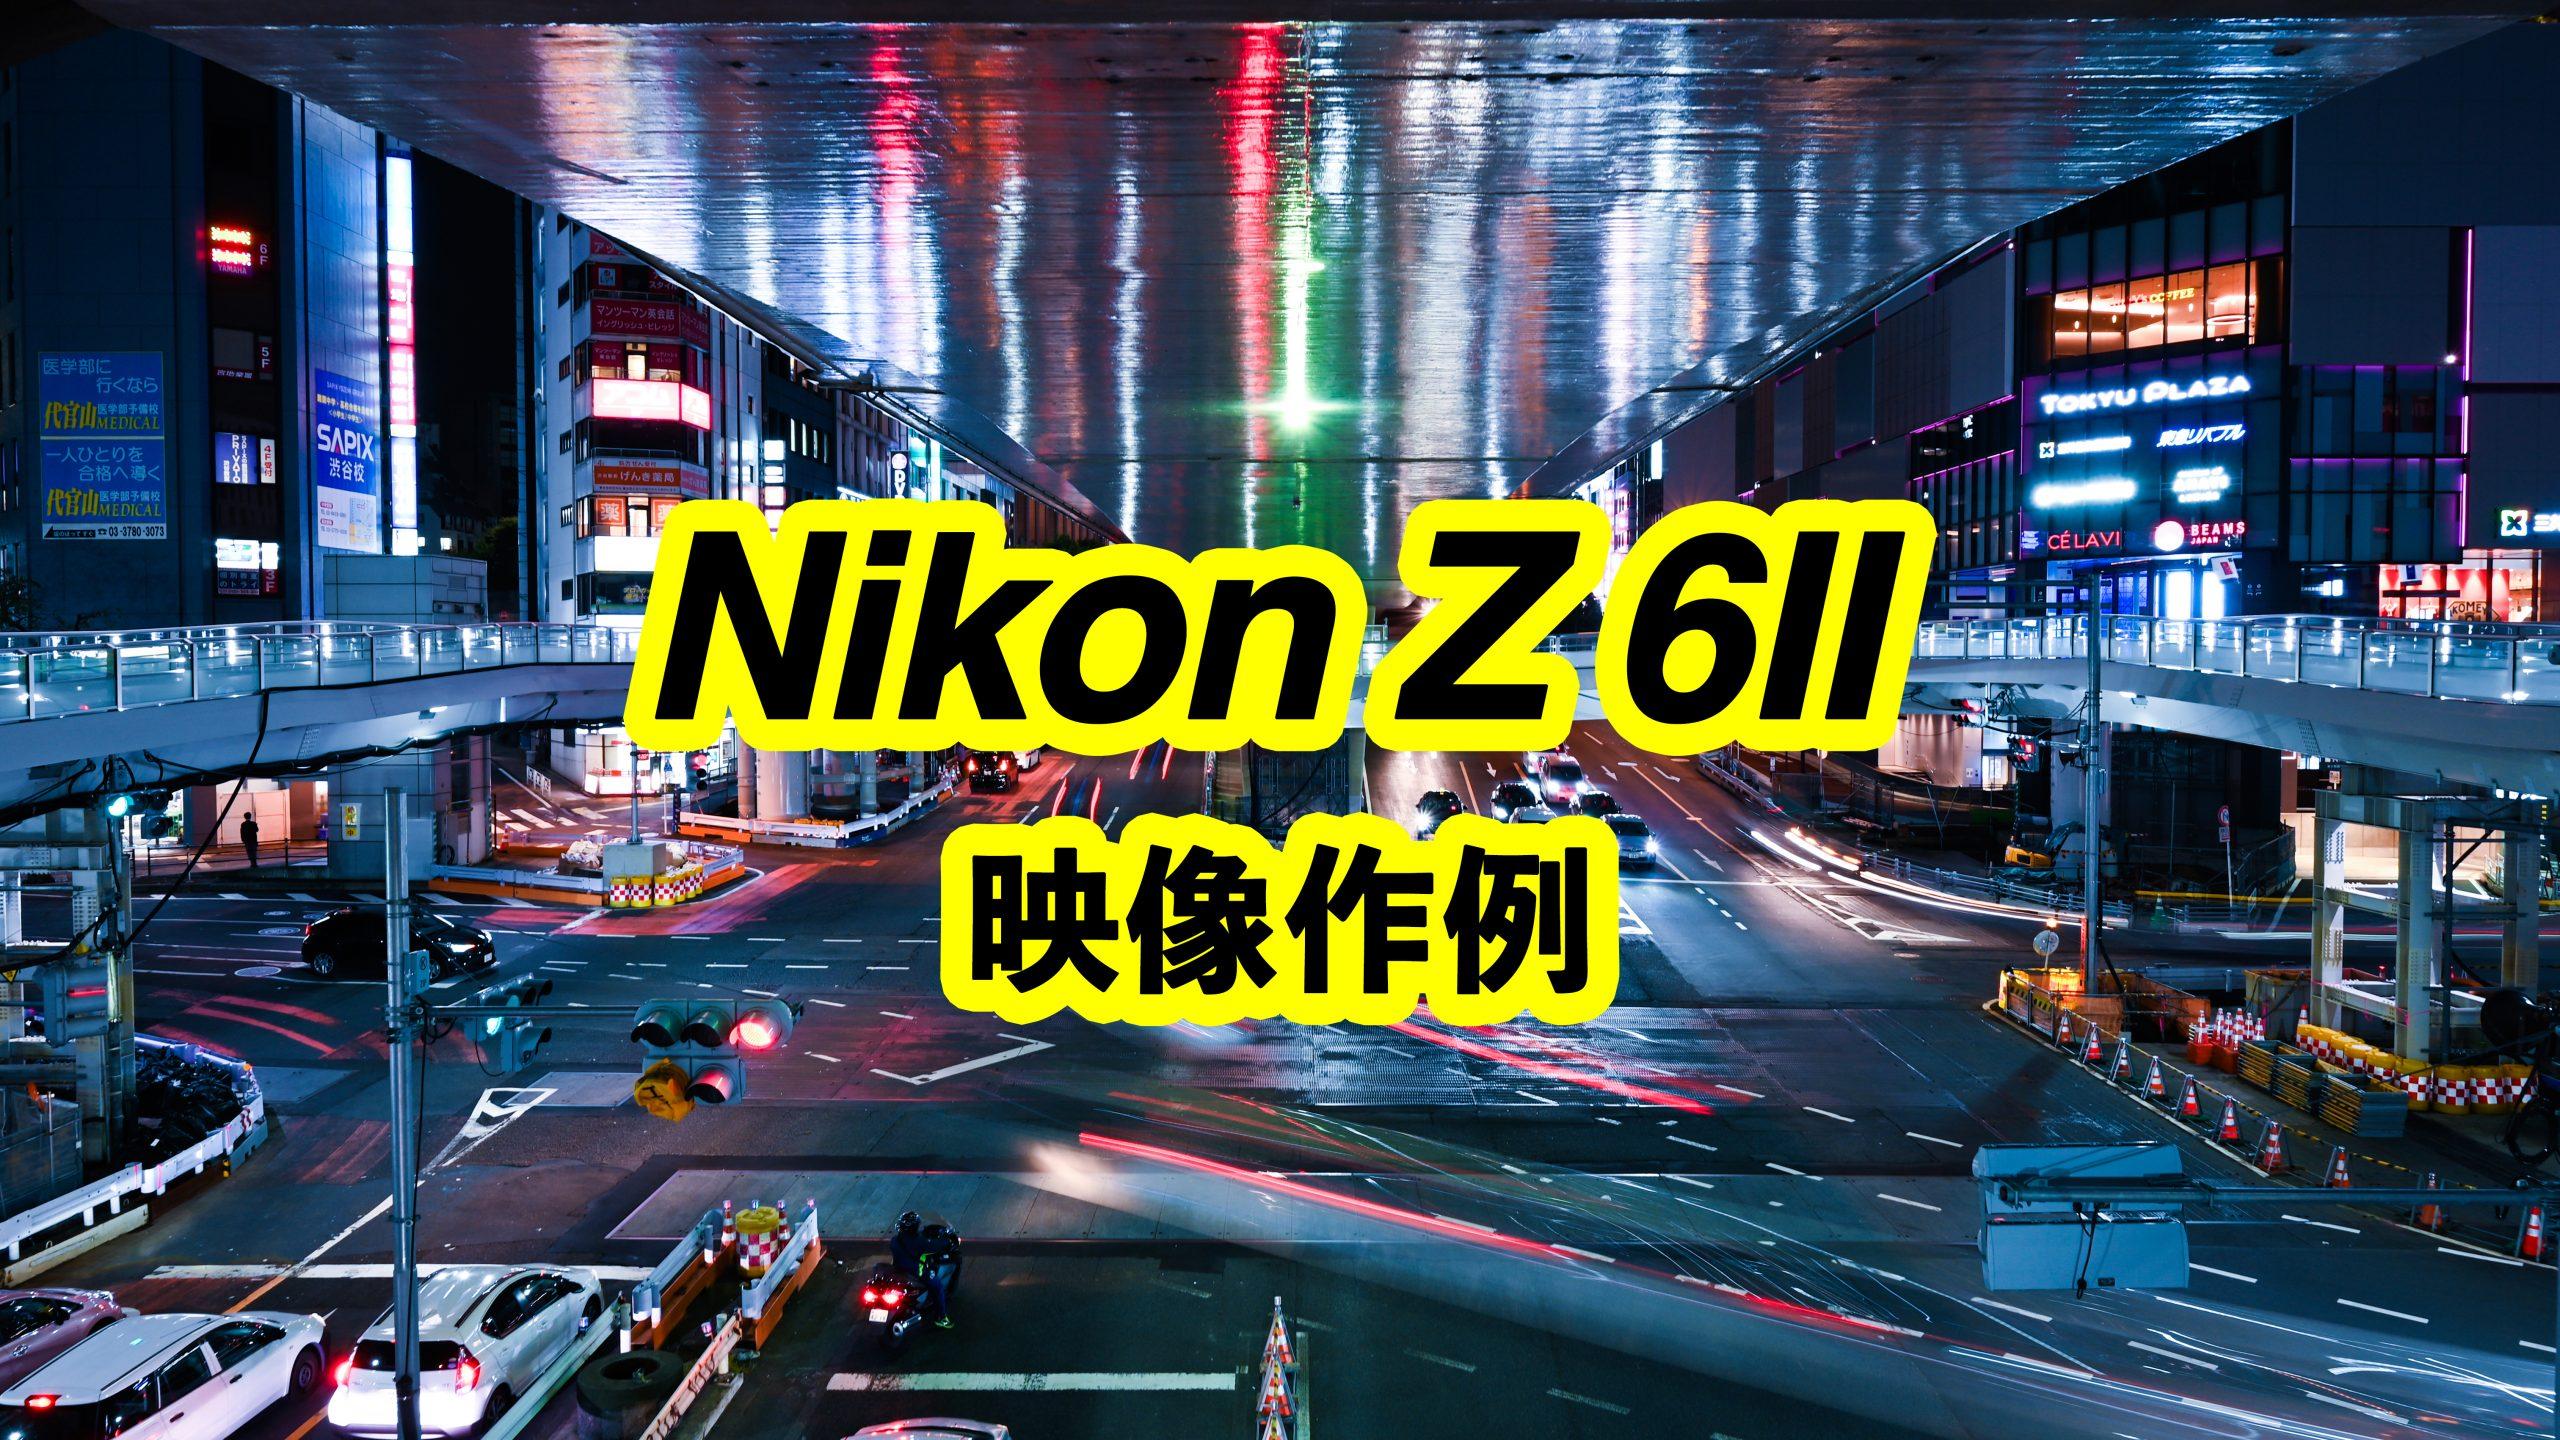 【映像作例】Nikon Z 6II【Vlog】